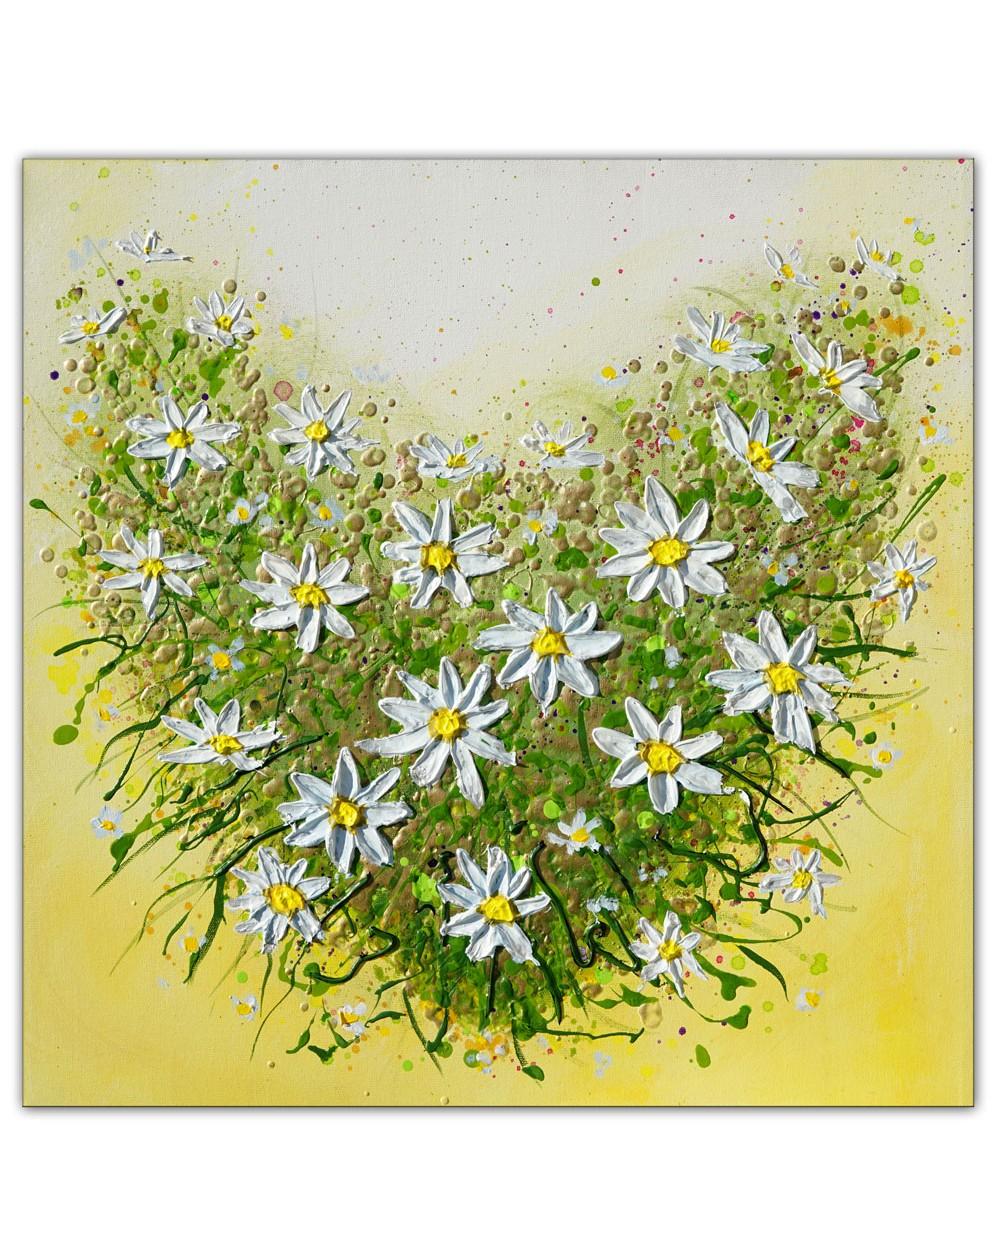 Heart of Daisy Delights